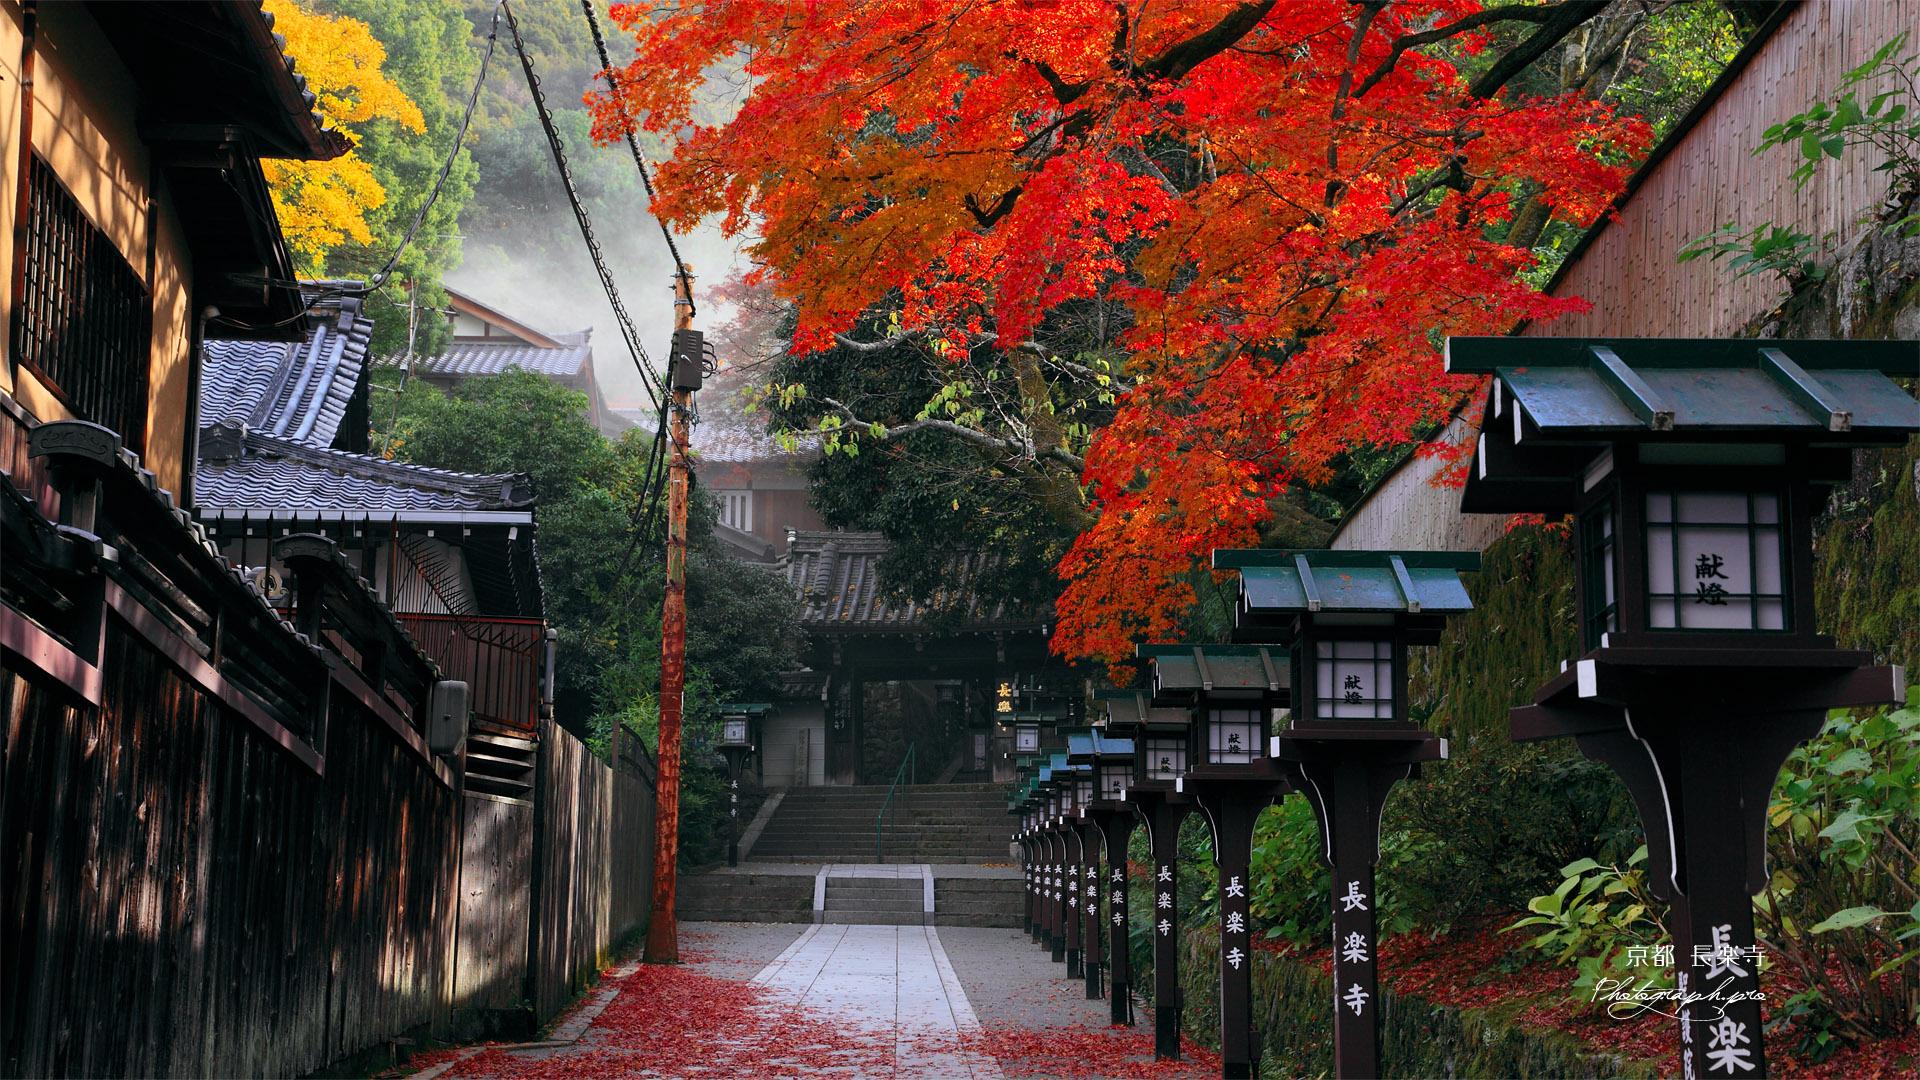 京都長楽寺 参道の燈籠と紅葉 の壁紙 19x1080